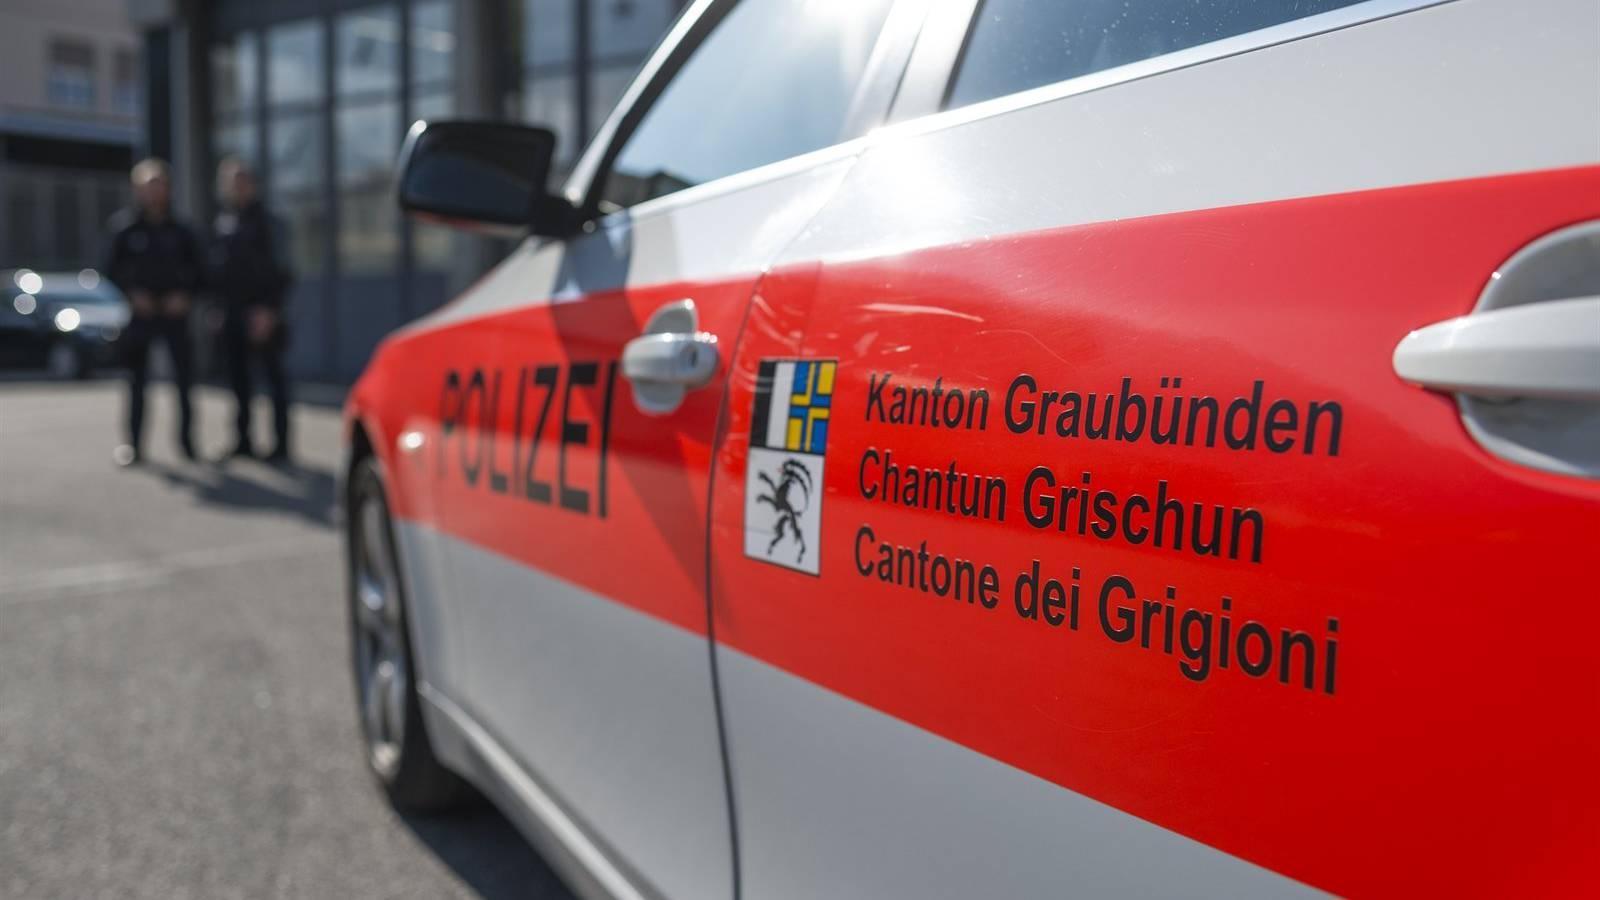 Wieso die Bündner Polizeibeamten eine Schusswaffe einsetzten, ist noch unklar. (Symbolbild)